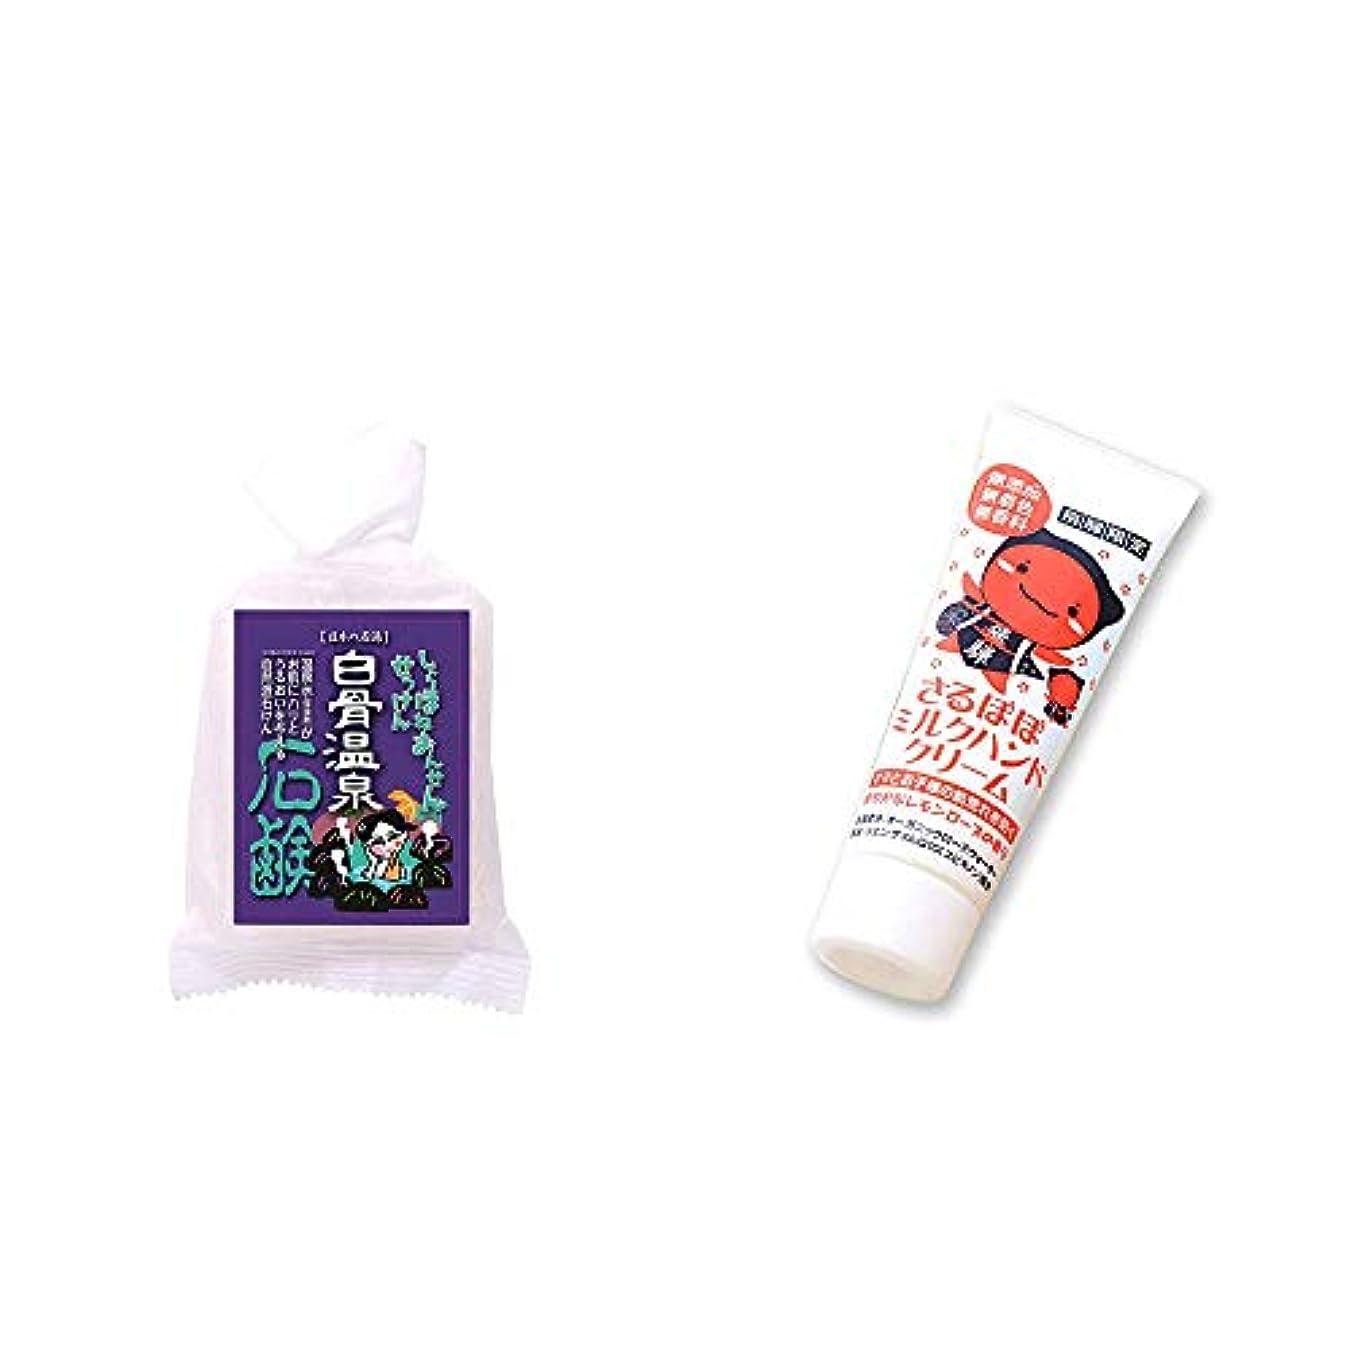 通貨チャレンジ金曜日[2点セット] 信州 白骨温泉石鹸(80g)?さるぼぼ ミルクハンドクリーム(50g)